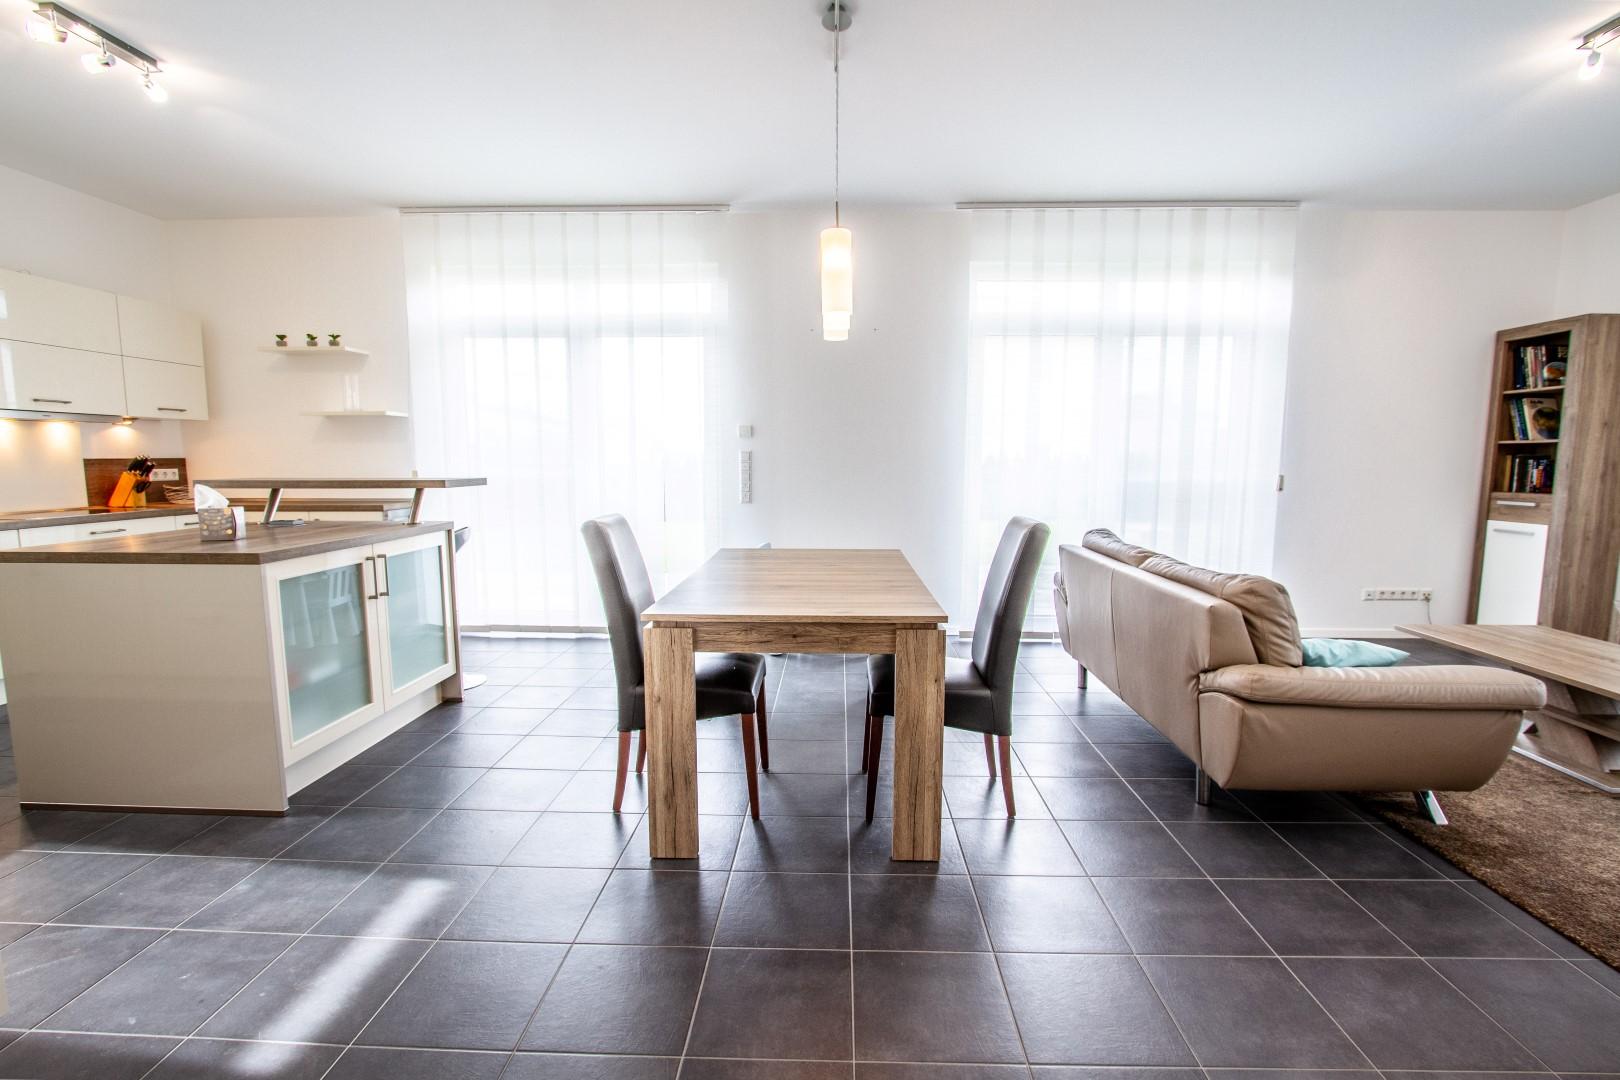 Wohn-Esszimmer-Küche - Feldbusch Immobilien e.K.